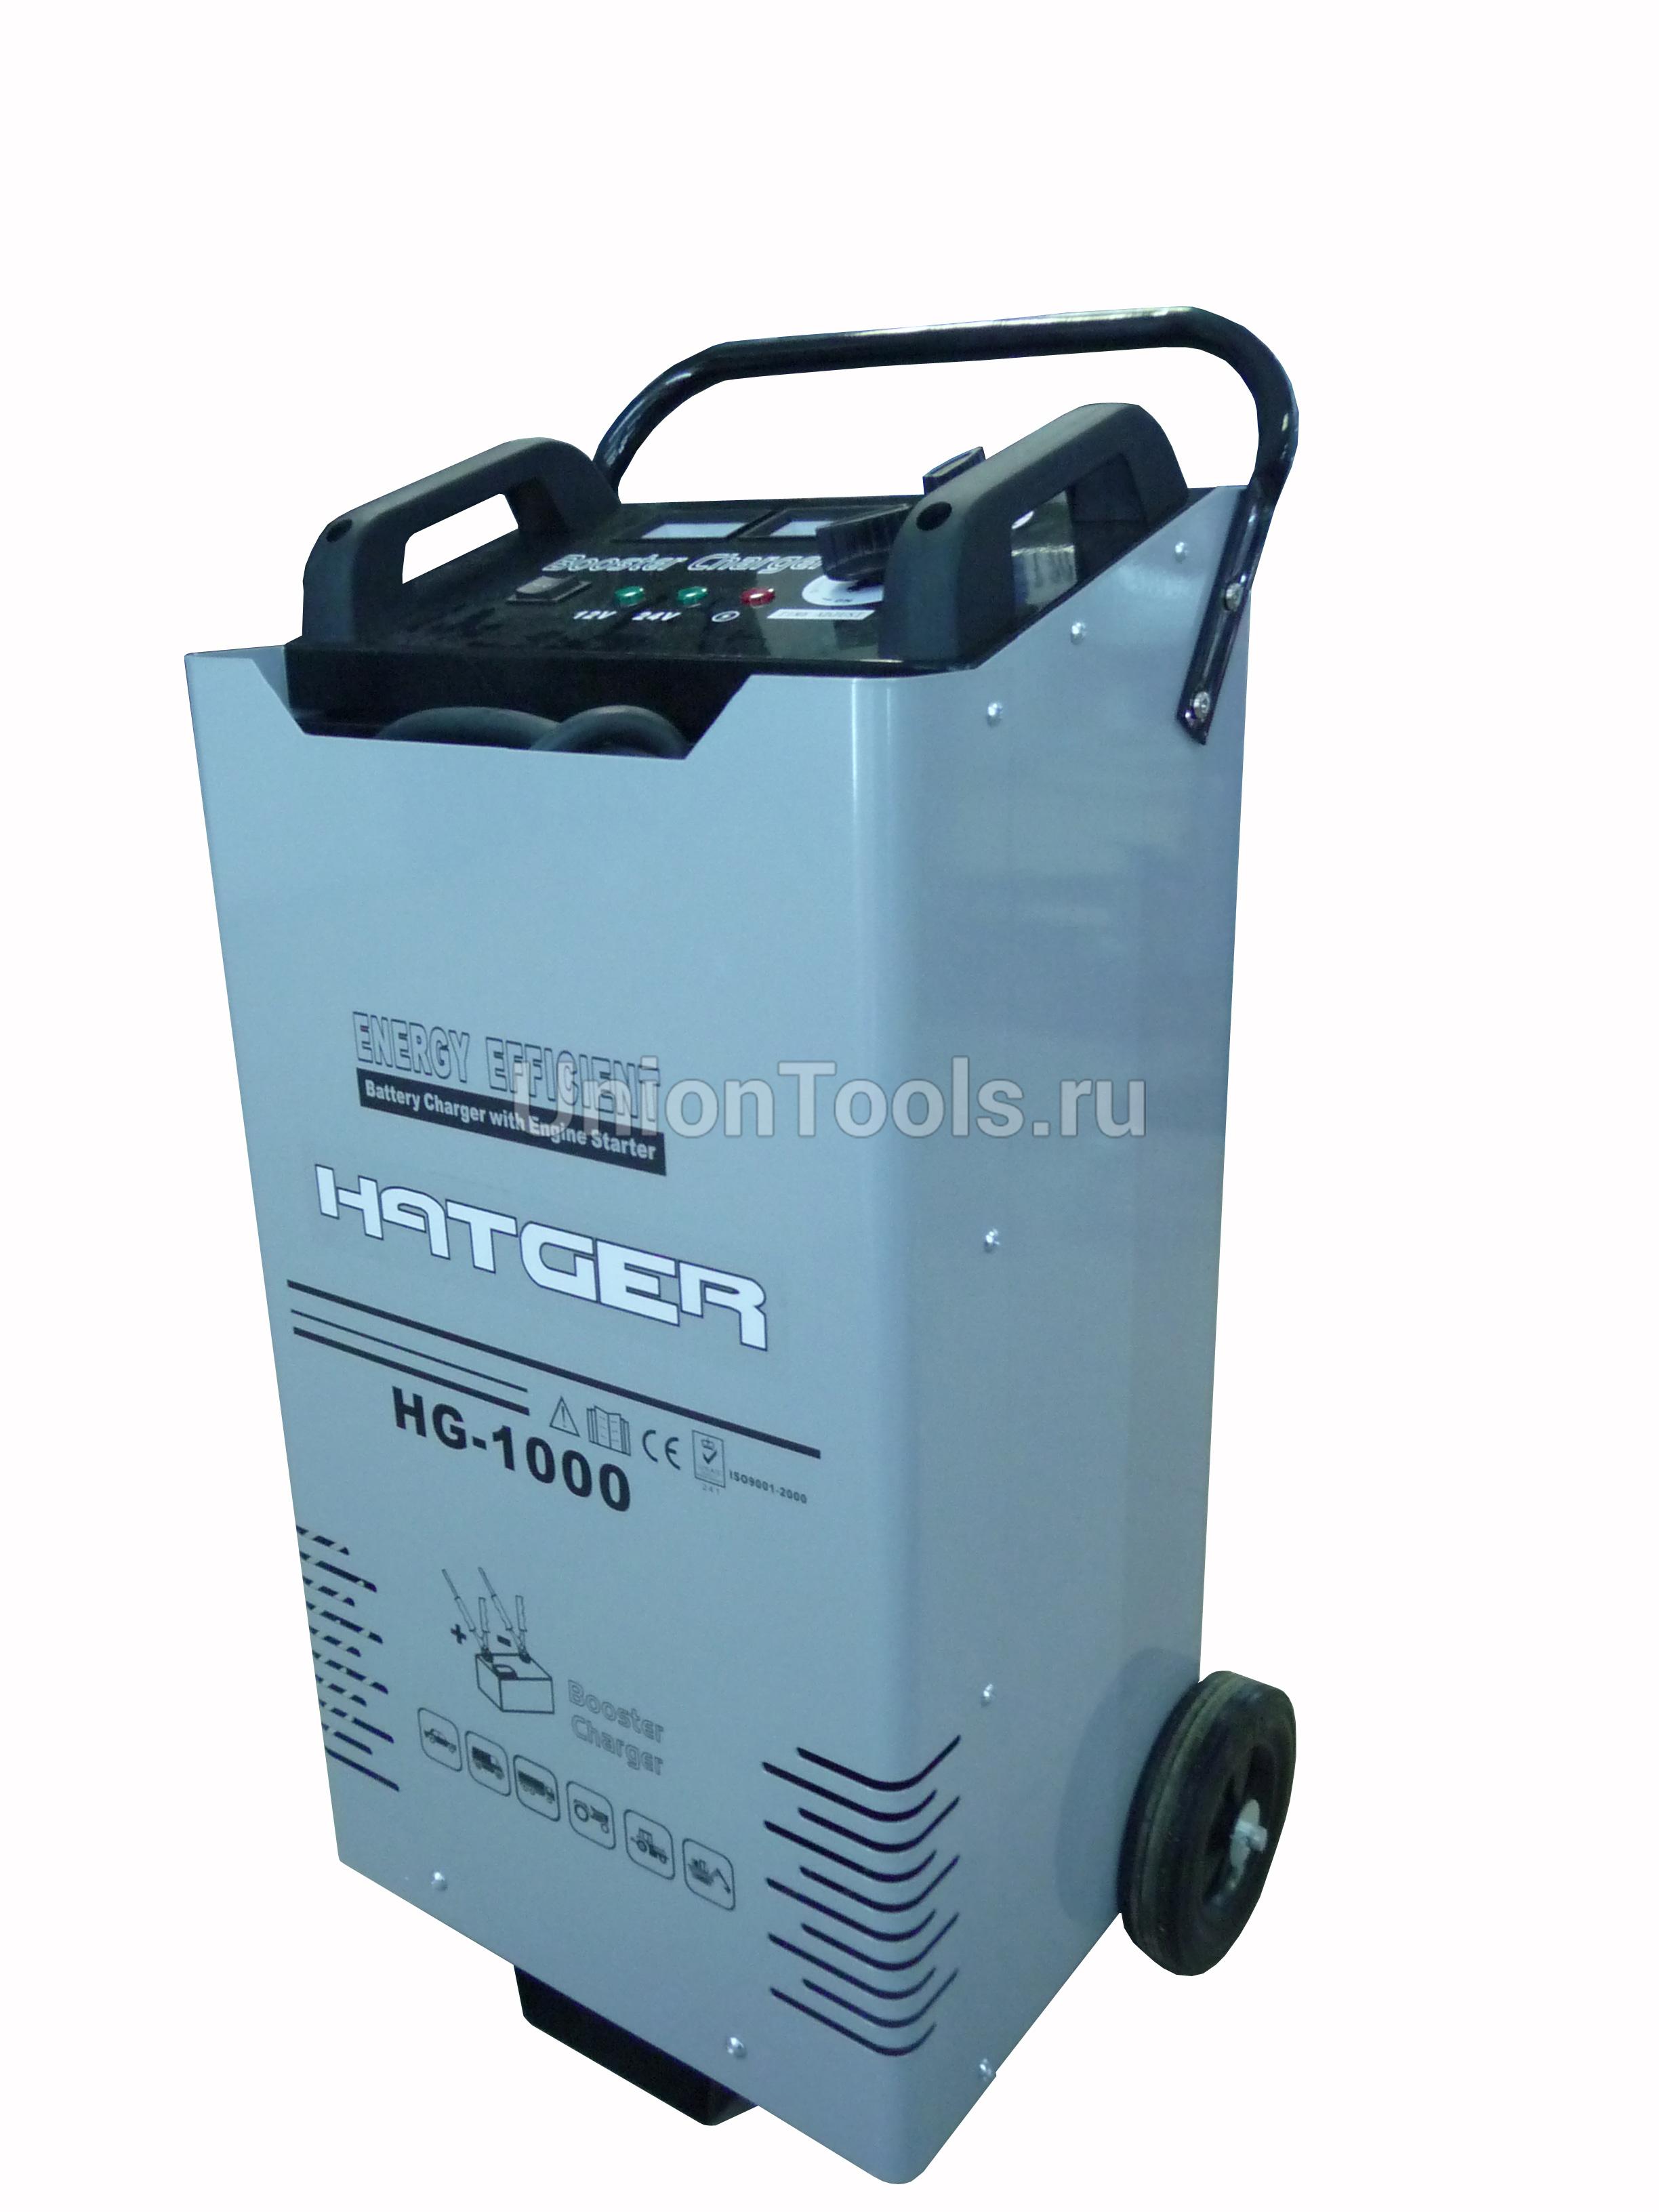 Пуско-зарядное устройство HG-1000